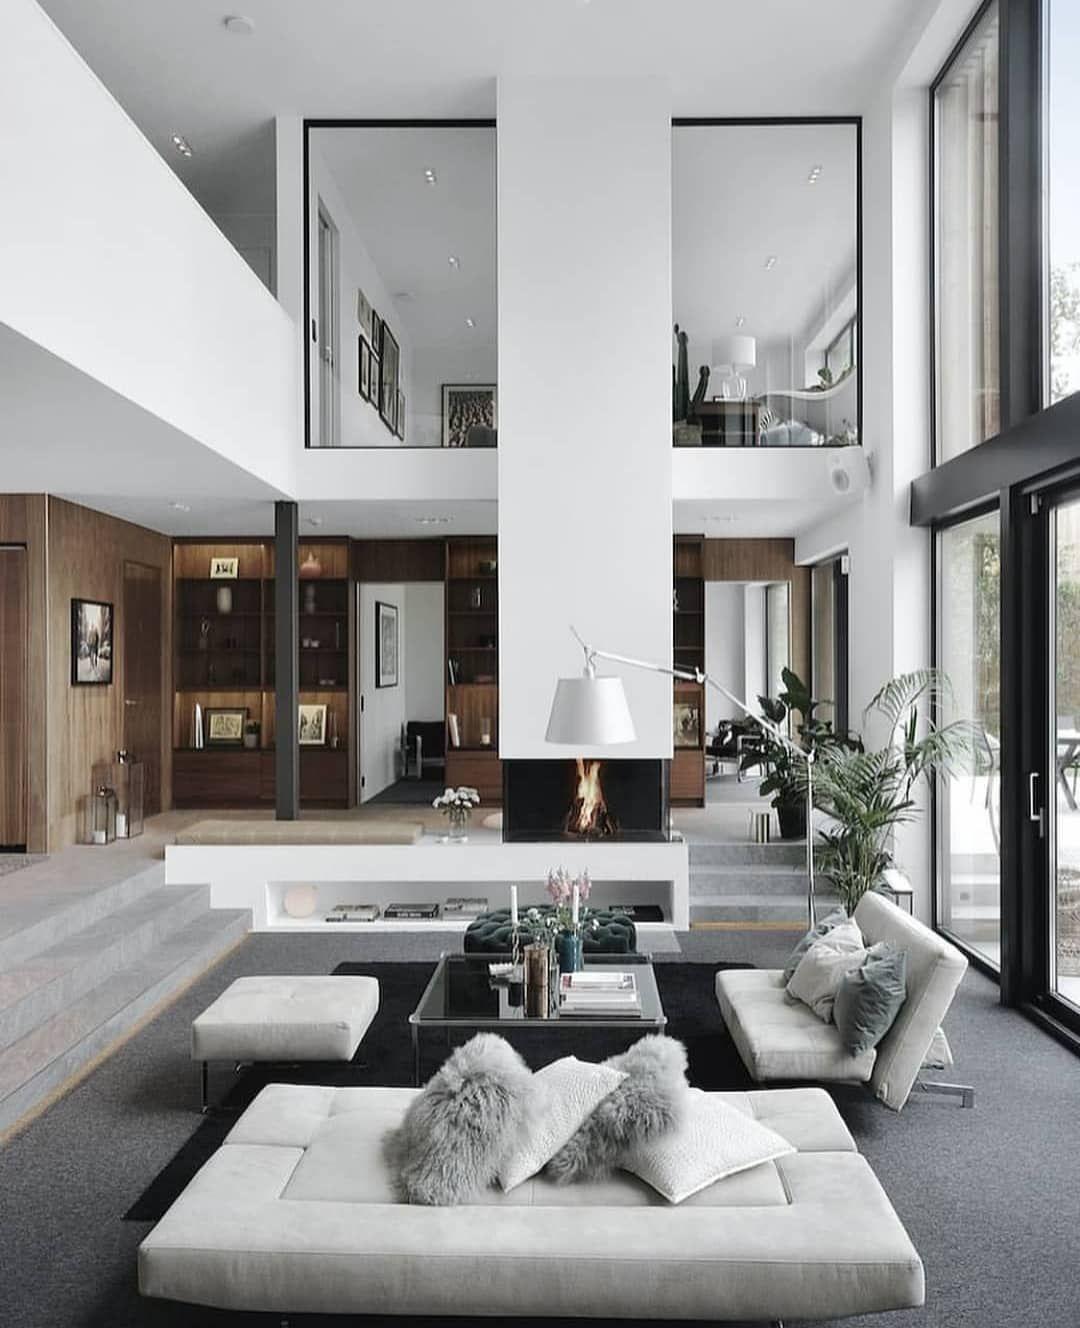 Interni Case Di Lusso Foto follow @sebarchitecture for more amazing architecture